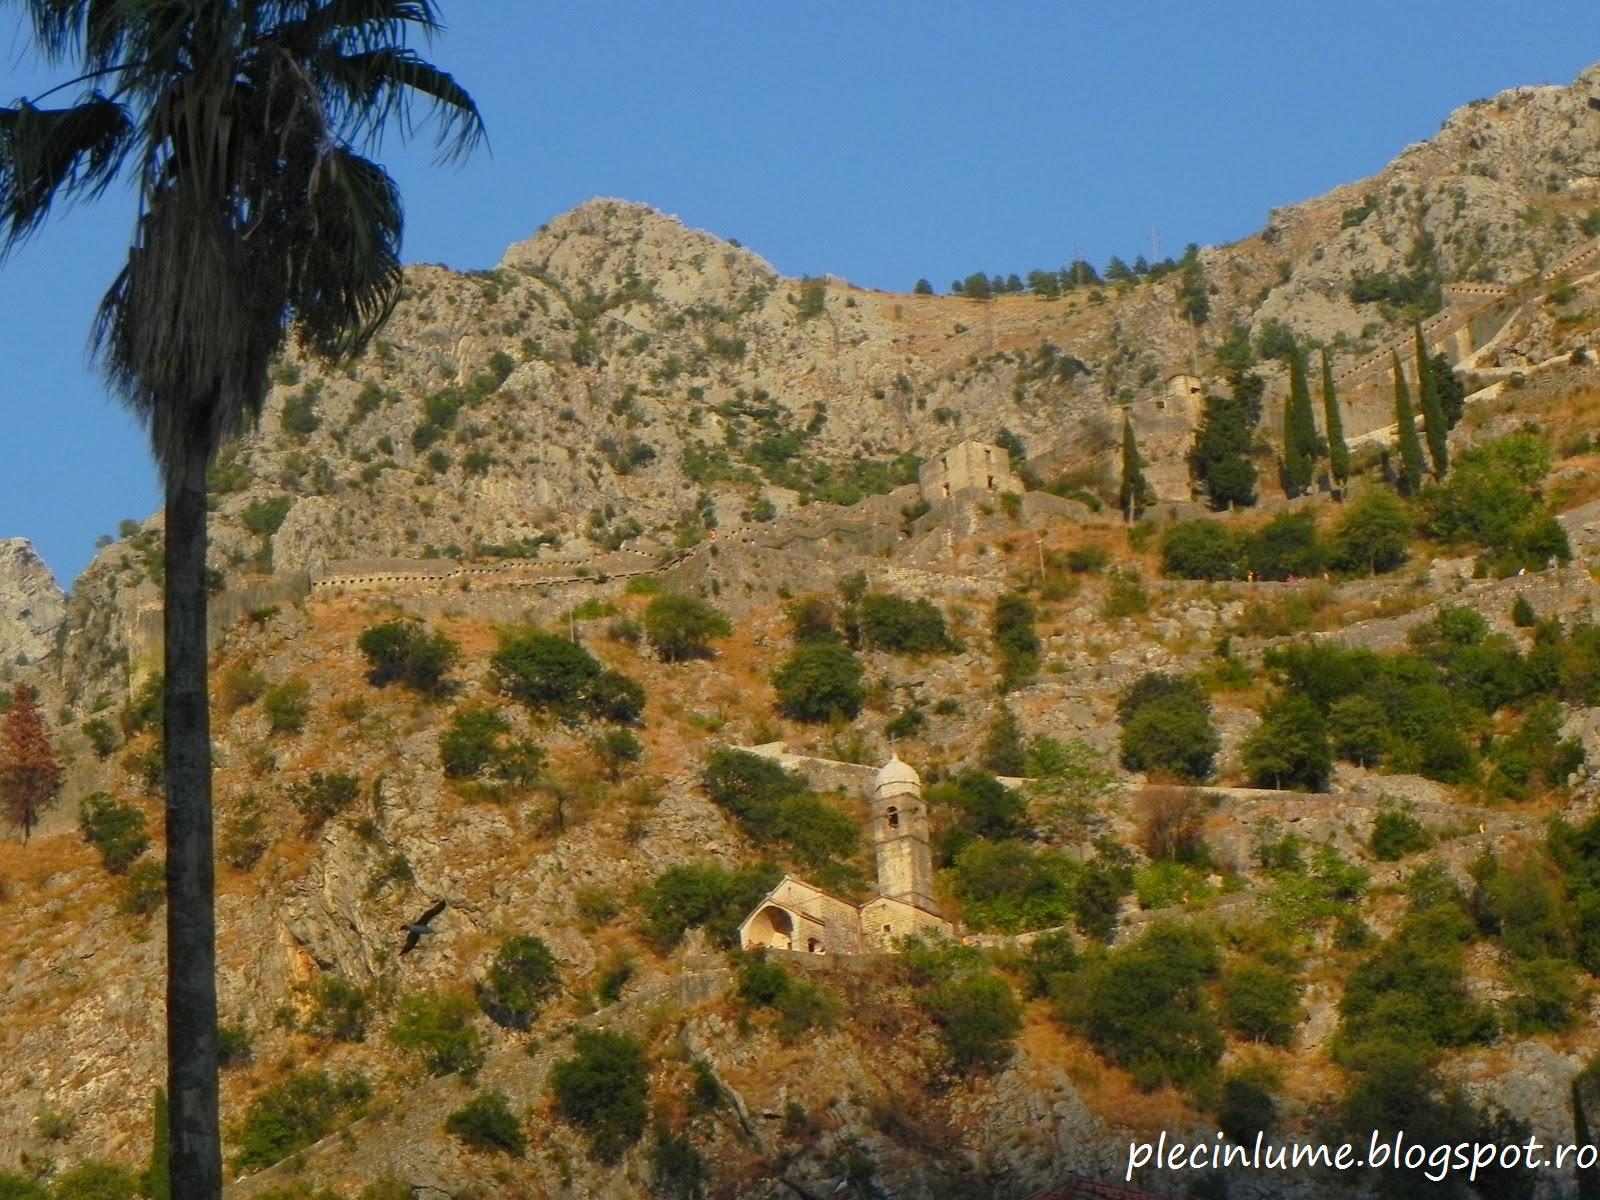 Urcarea spre cetate in Kotor